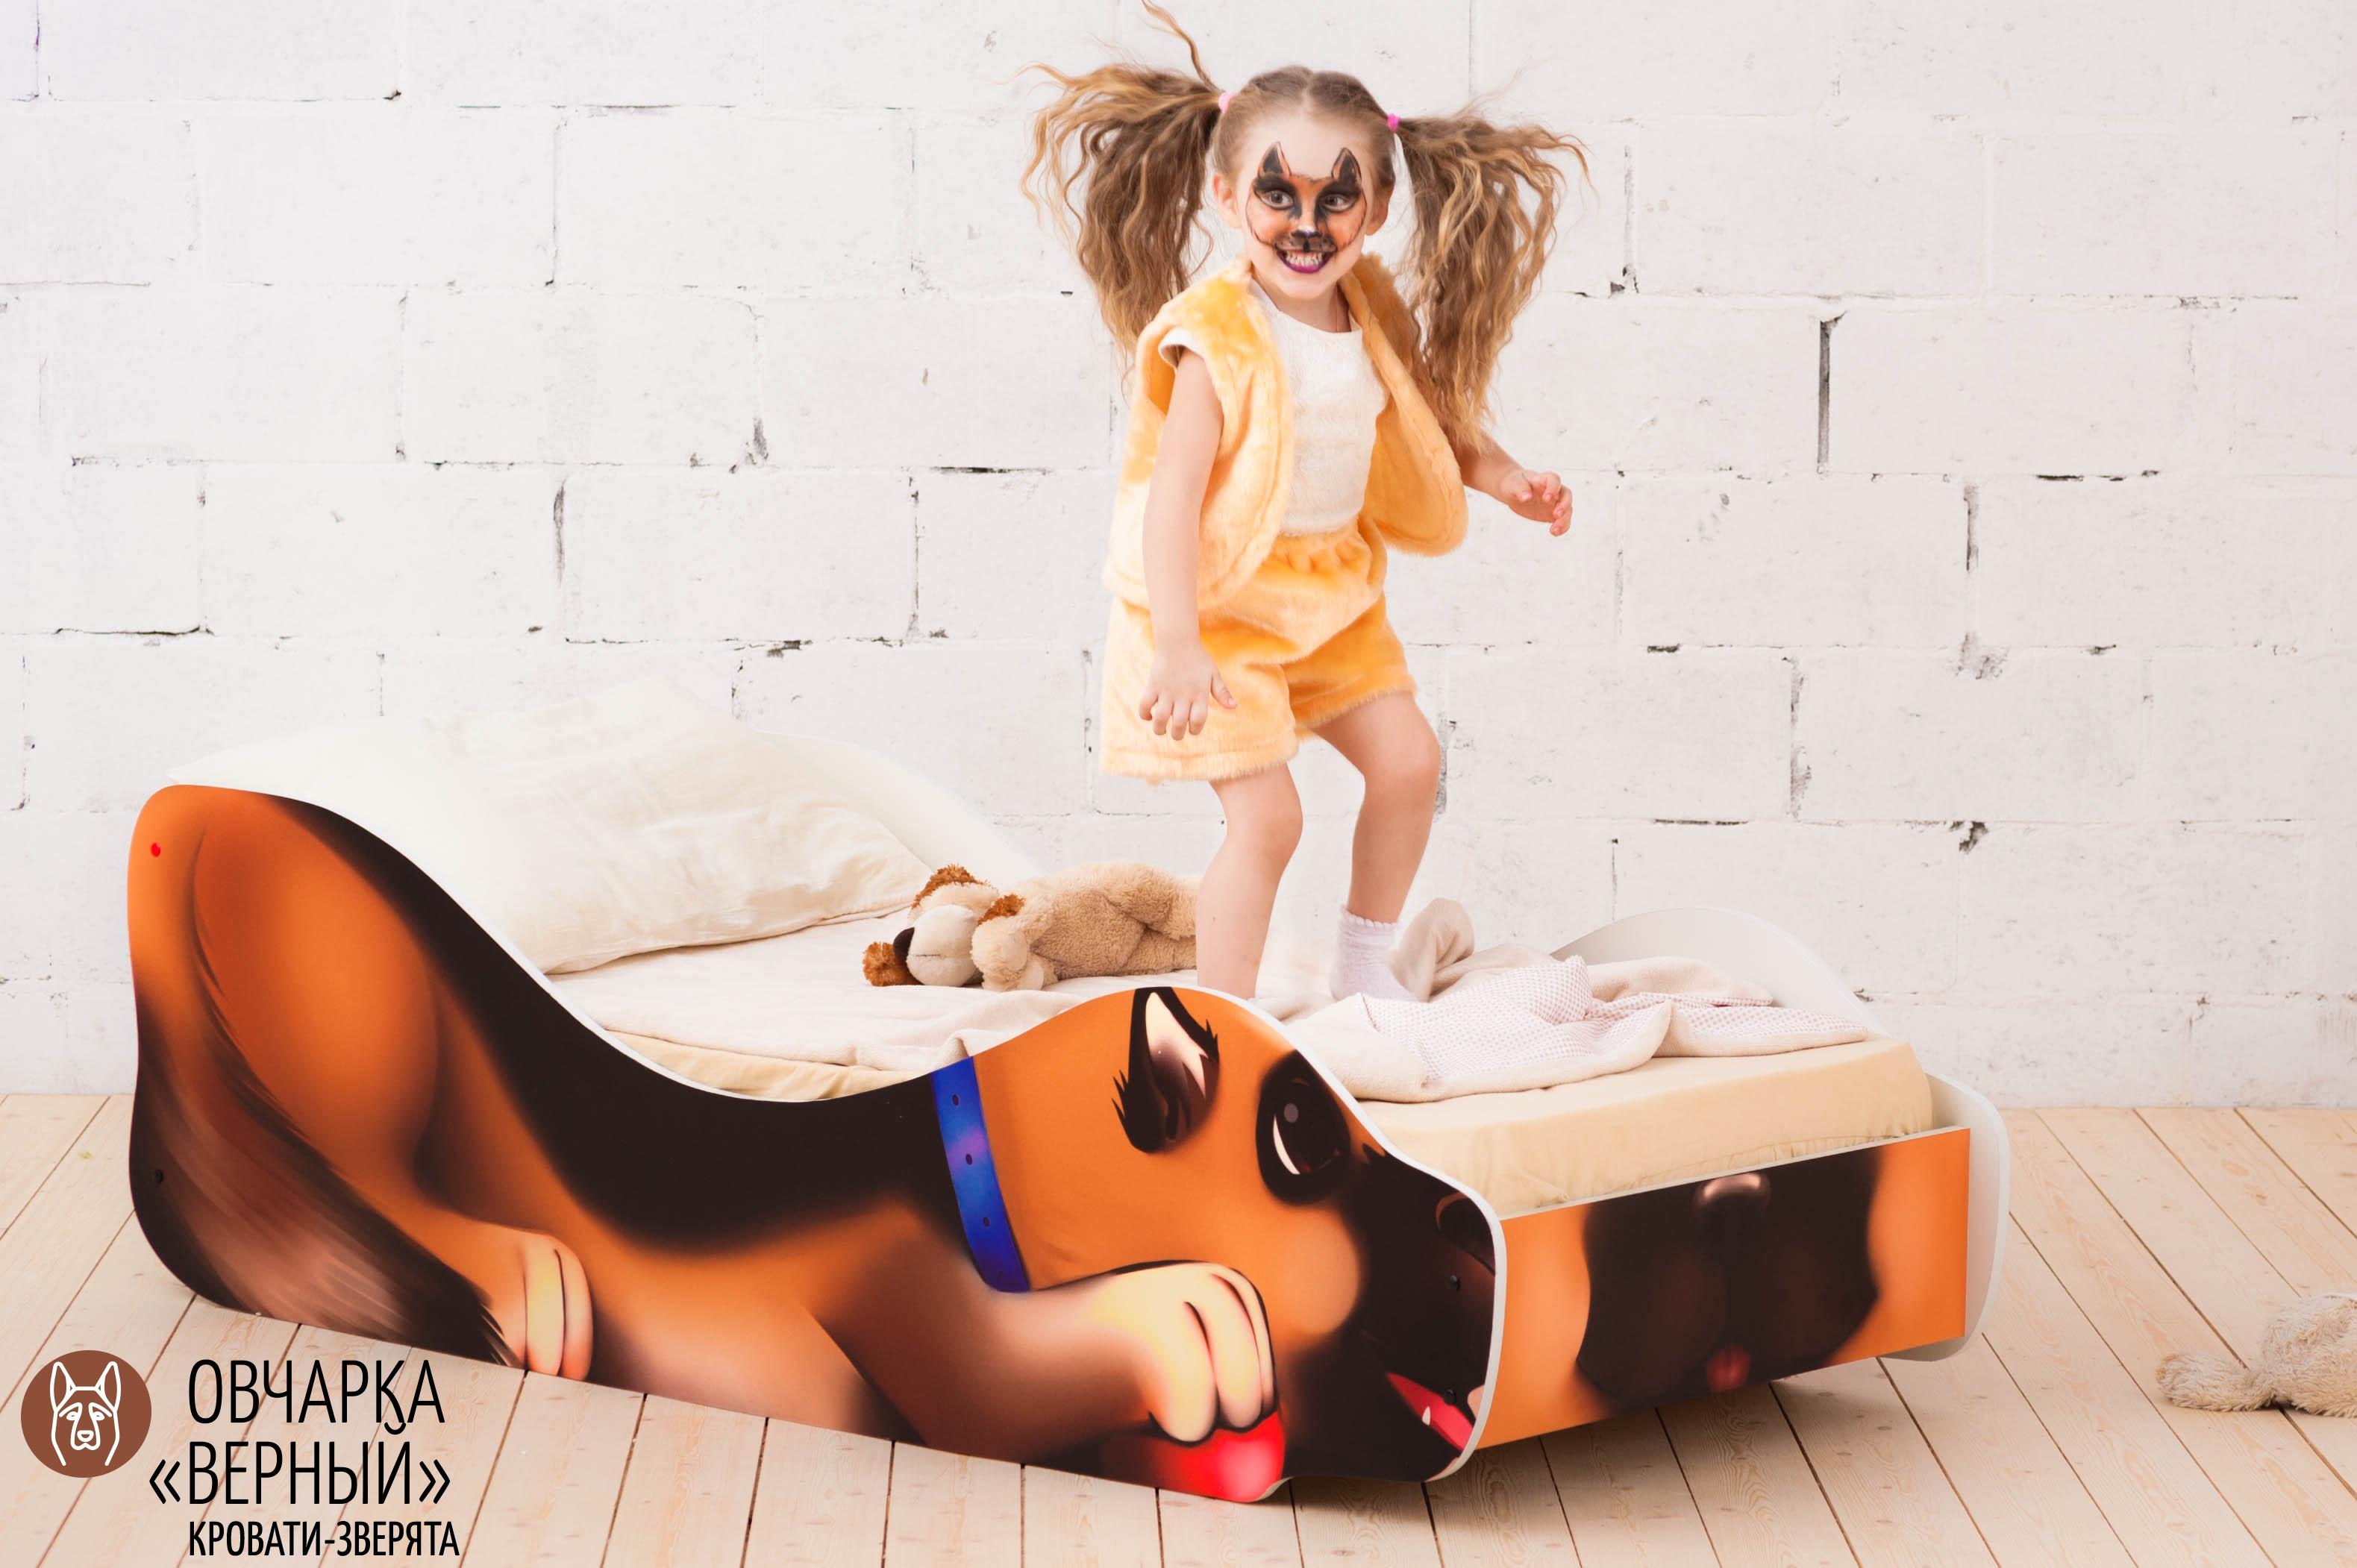 Детская кровать-зверенок -Овчарка-Верный-24